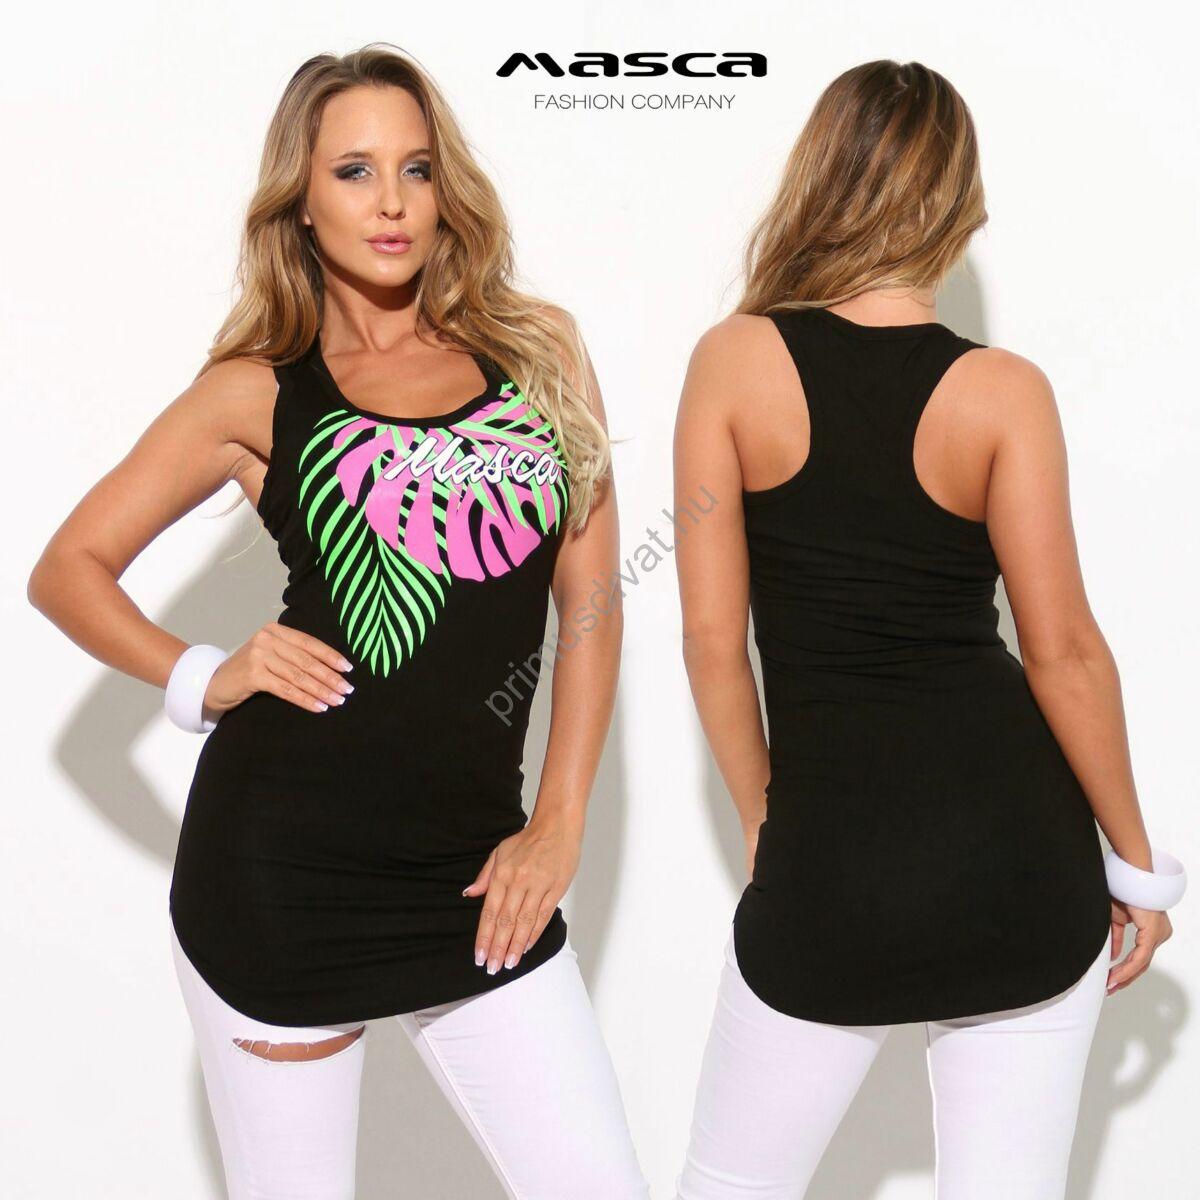 b70c135c60 Kép 1/1 - Masca Fashion trikópántos ujjatlan, íves aljú fekete felső,  nyomott pink-zöld levélmintával